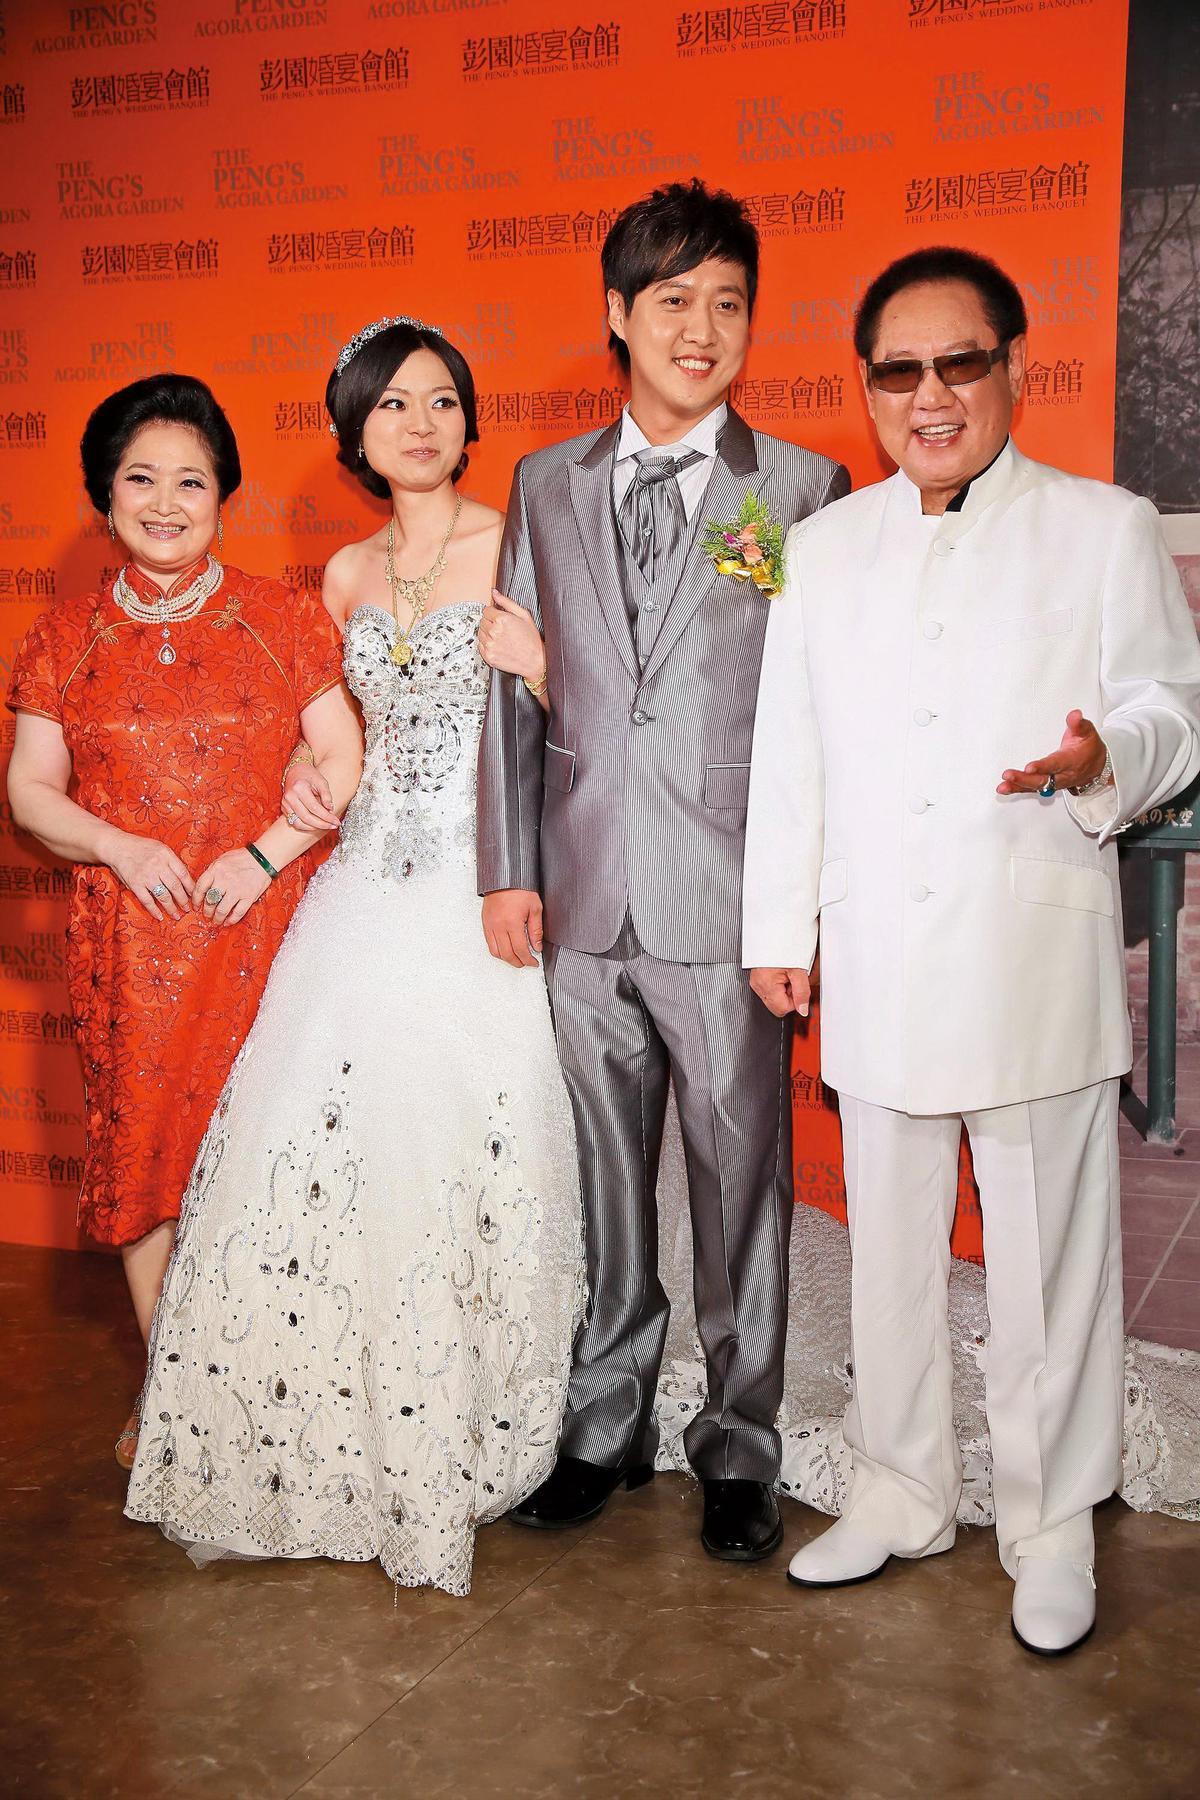 2013年,馬如龍(右一)與沛小嵐(左一)2人的小兒子黃士庭(右二)結婚,席開72桌宴客。(東方IC)